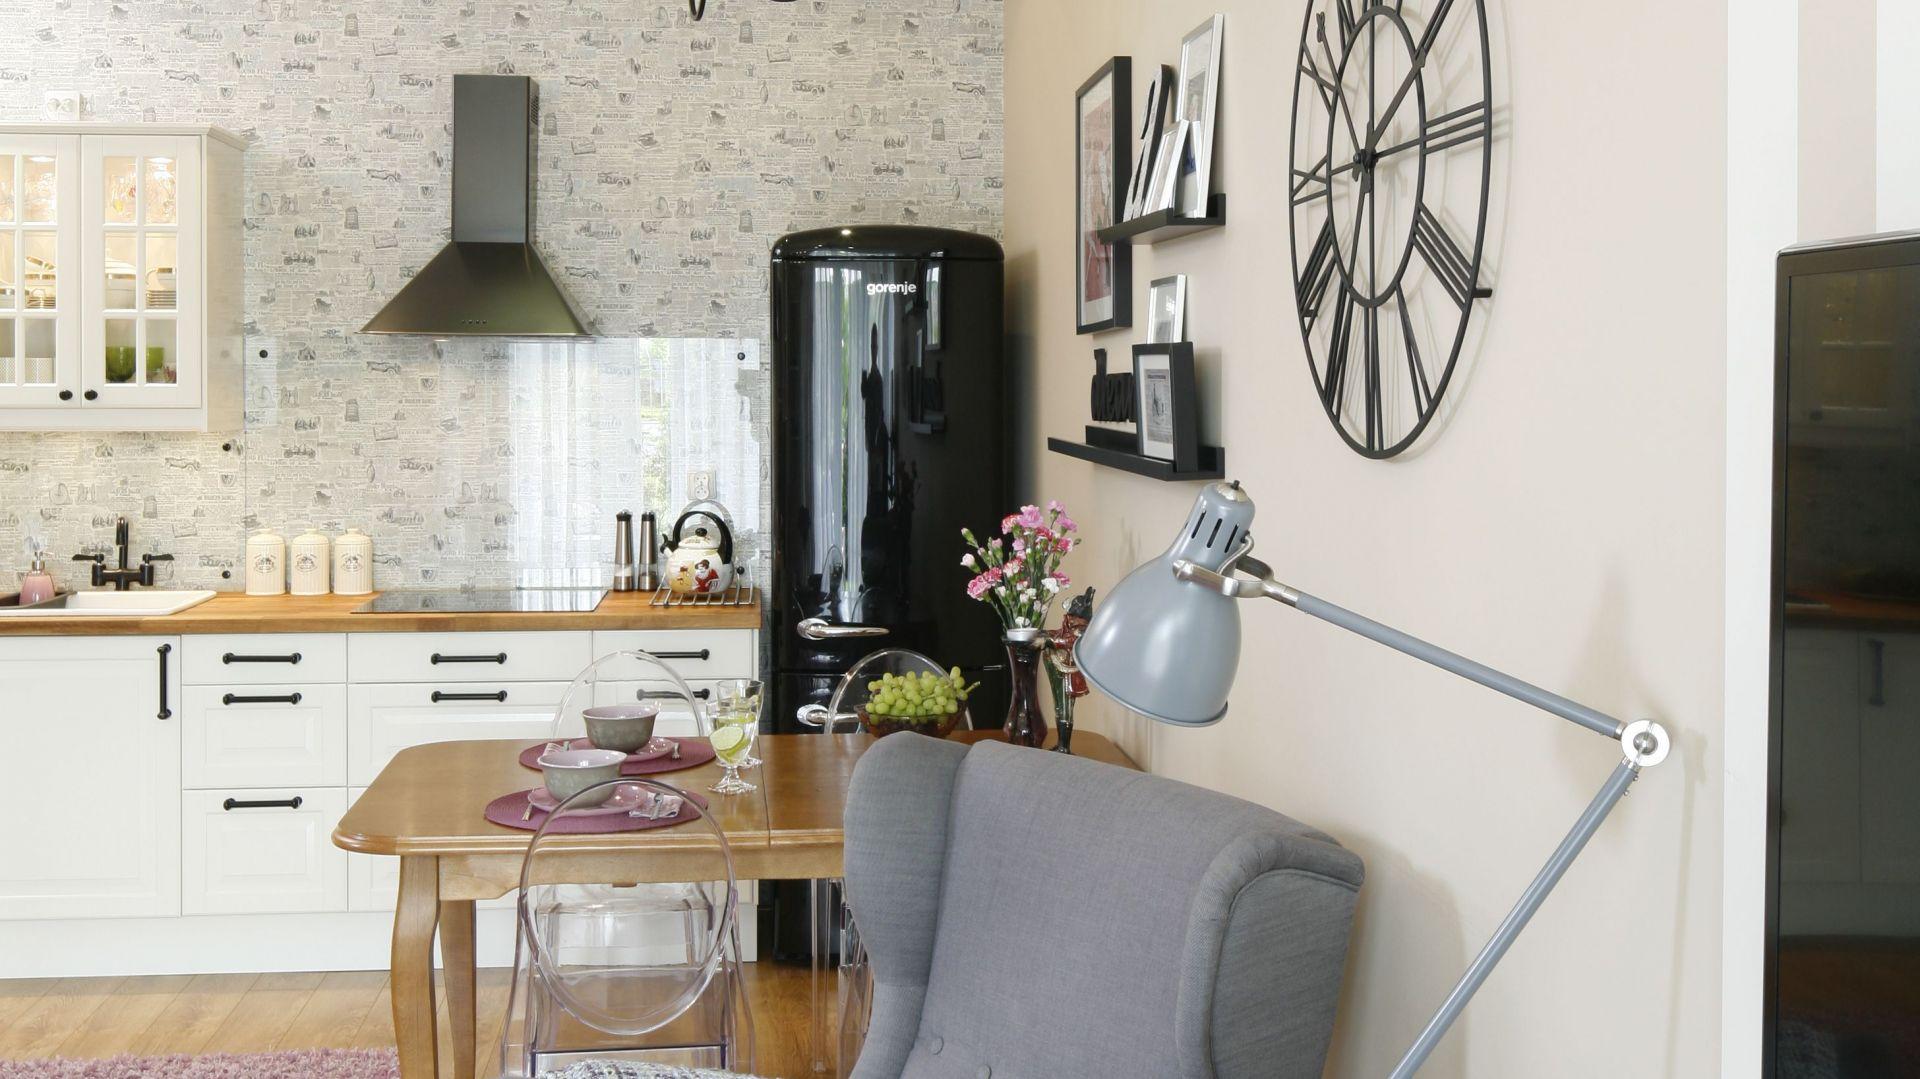 Salon z otwartą kuchnią urządzony w stylu retro. Projekt: arch. Joanna Morkowska-Saj. Fot. Bartosz Jarosz